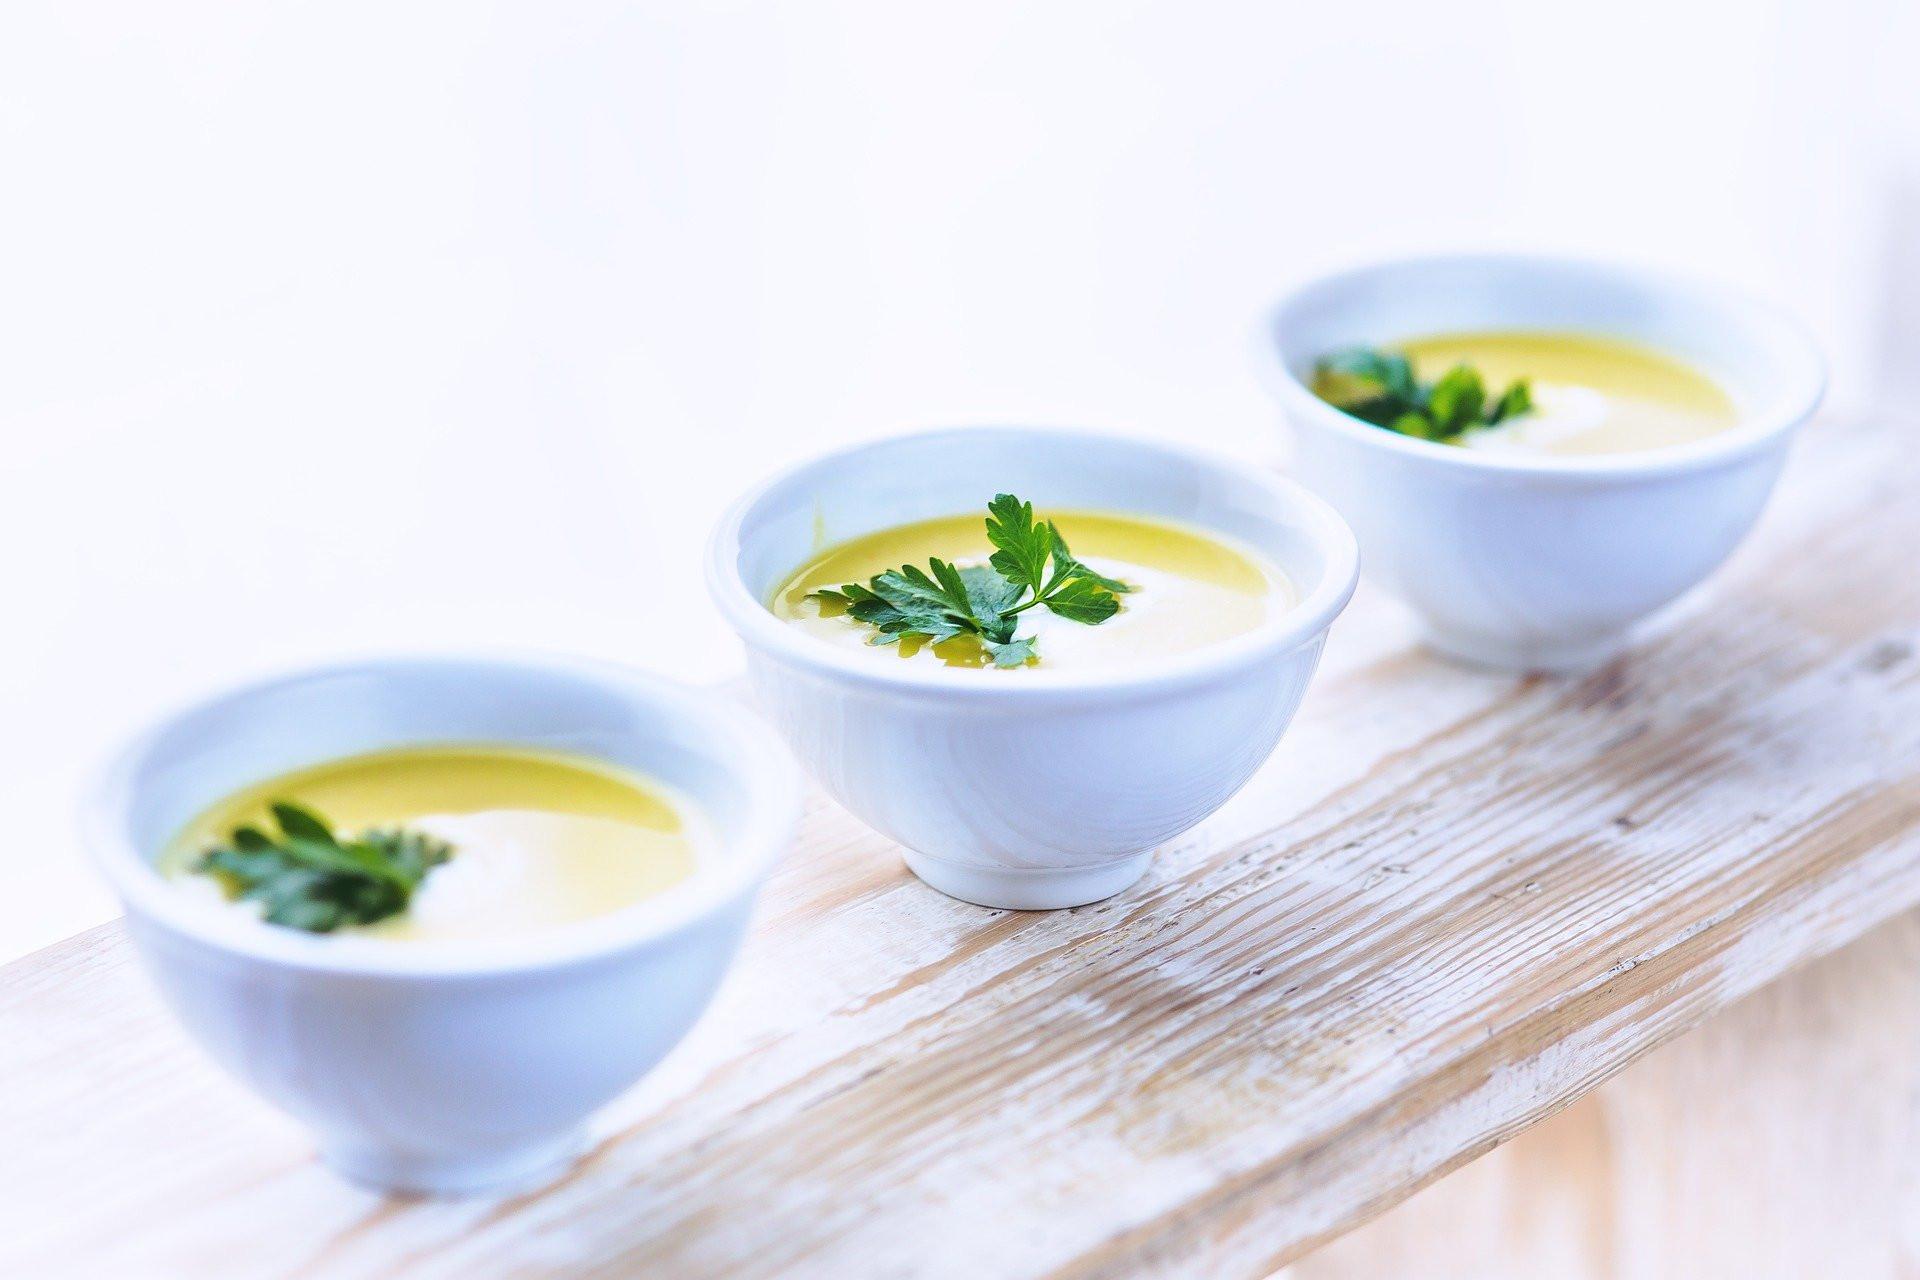 Tartalmas laktató krémes leves készülhet